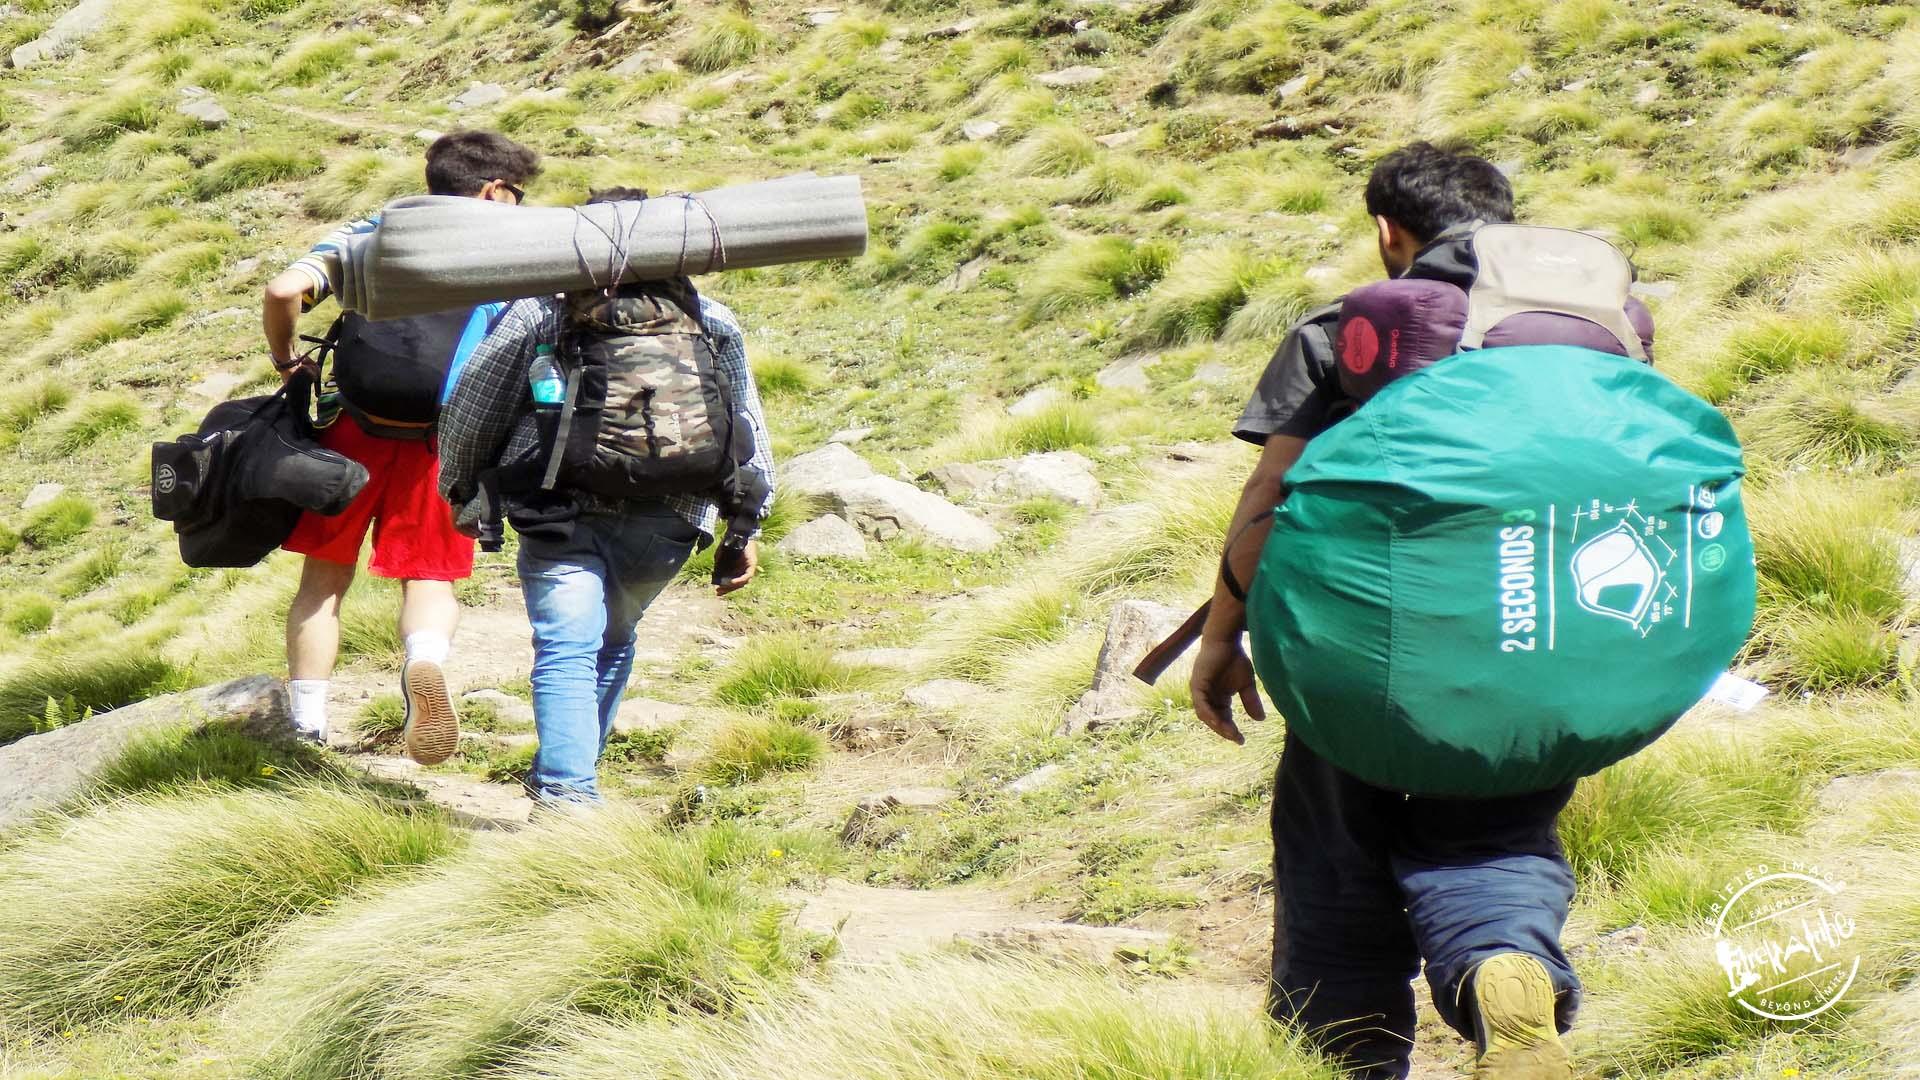 Rupin Trekking Gaurav PalJPG - Trekatribe